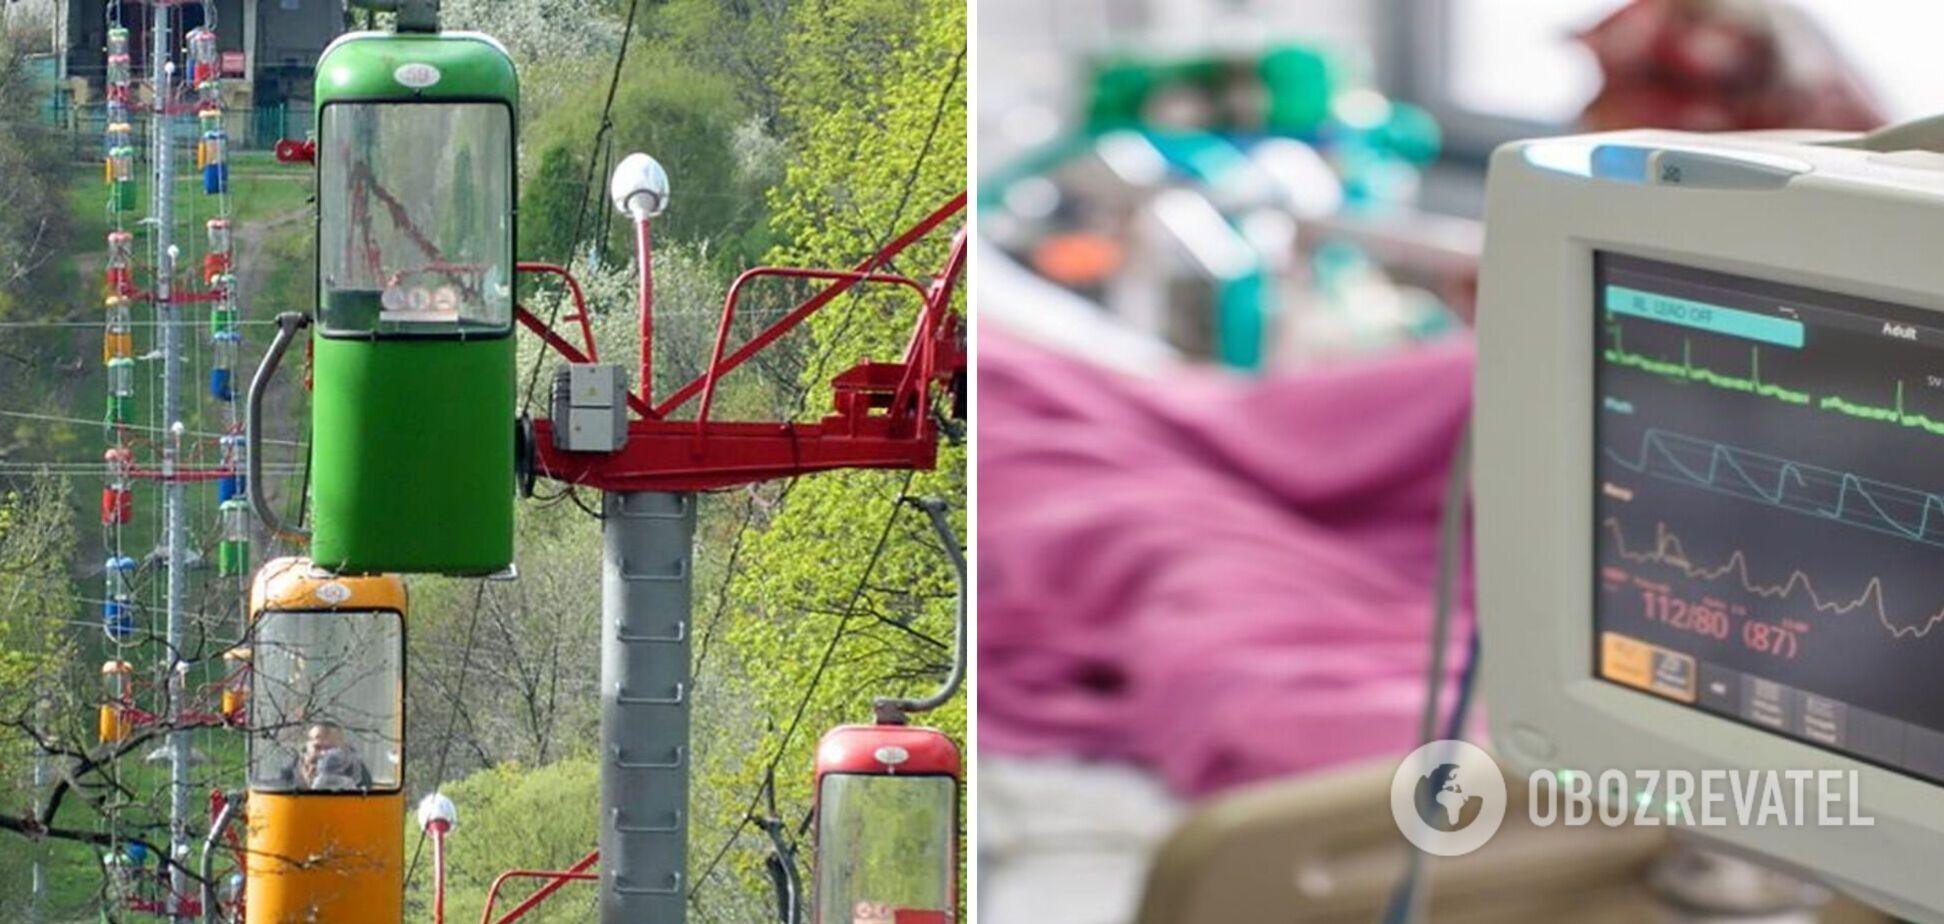 Підліток, що впав із канатної дороги в Харкові, пережив трепанацію і прийшов до тями